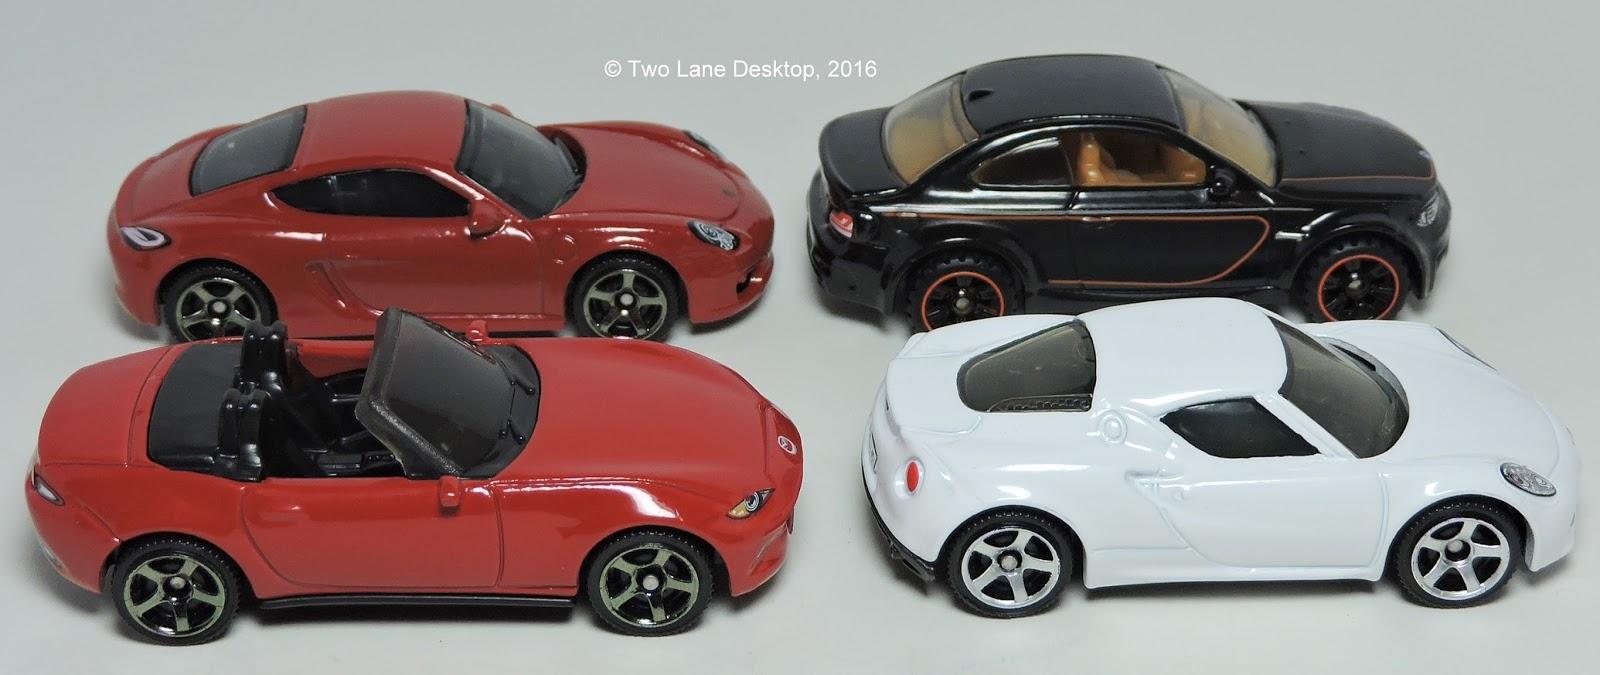 Two Lane Desktop Comparison Matchbox Sports Cars - Sports cars comparison